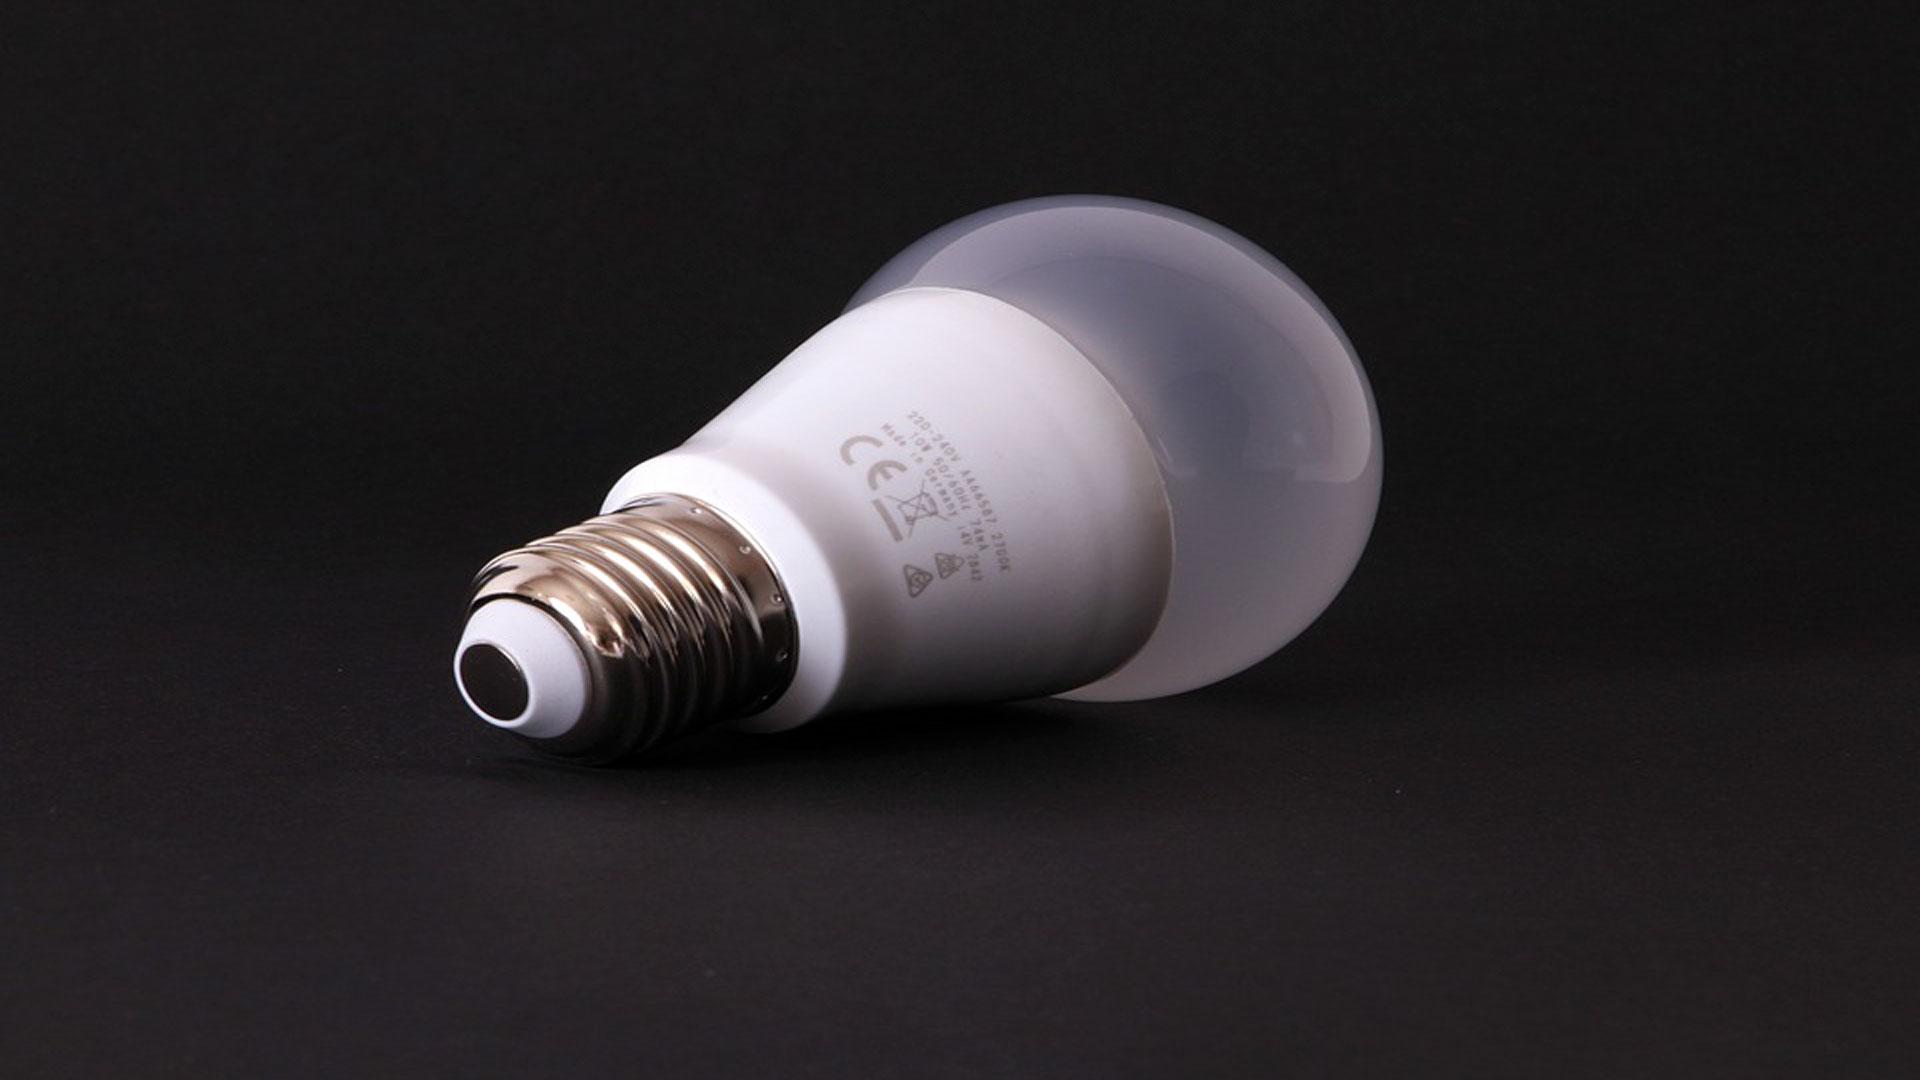 Lo-que-debes-sobre-las-bombillas-LED-1920